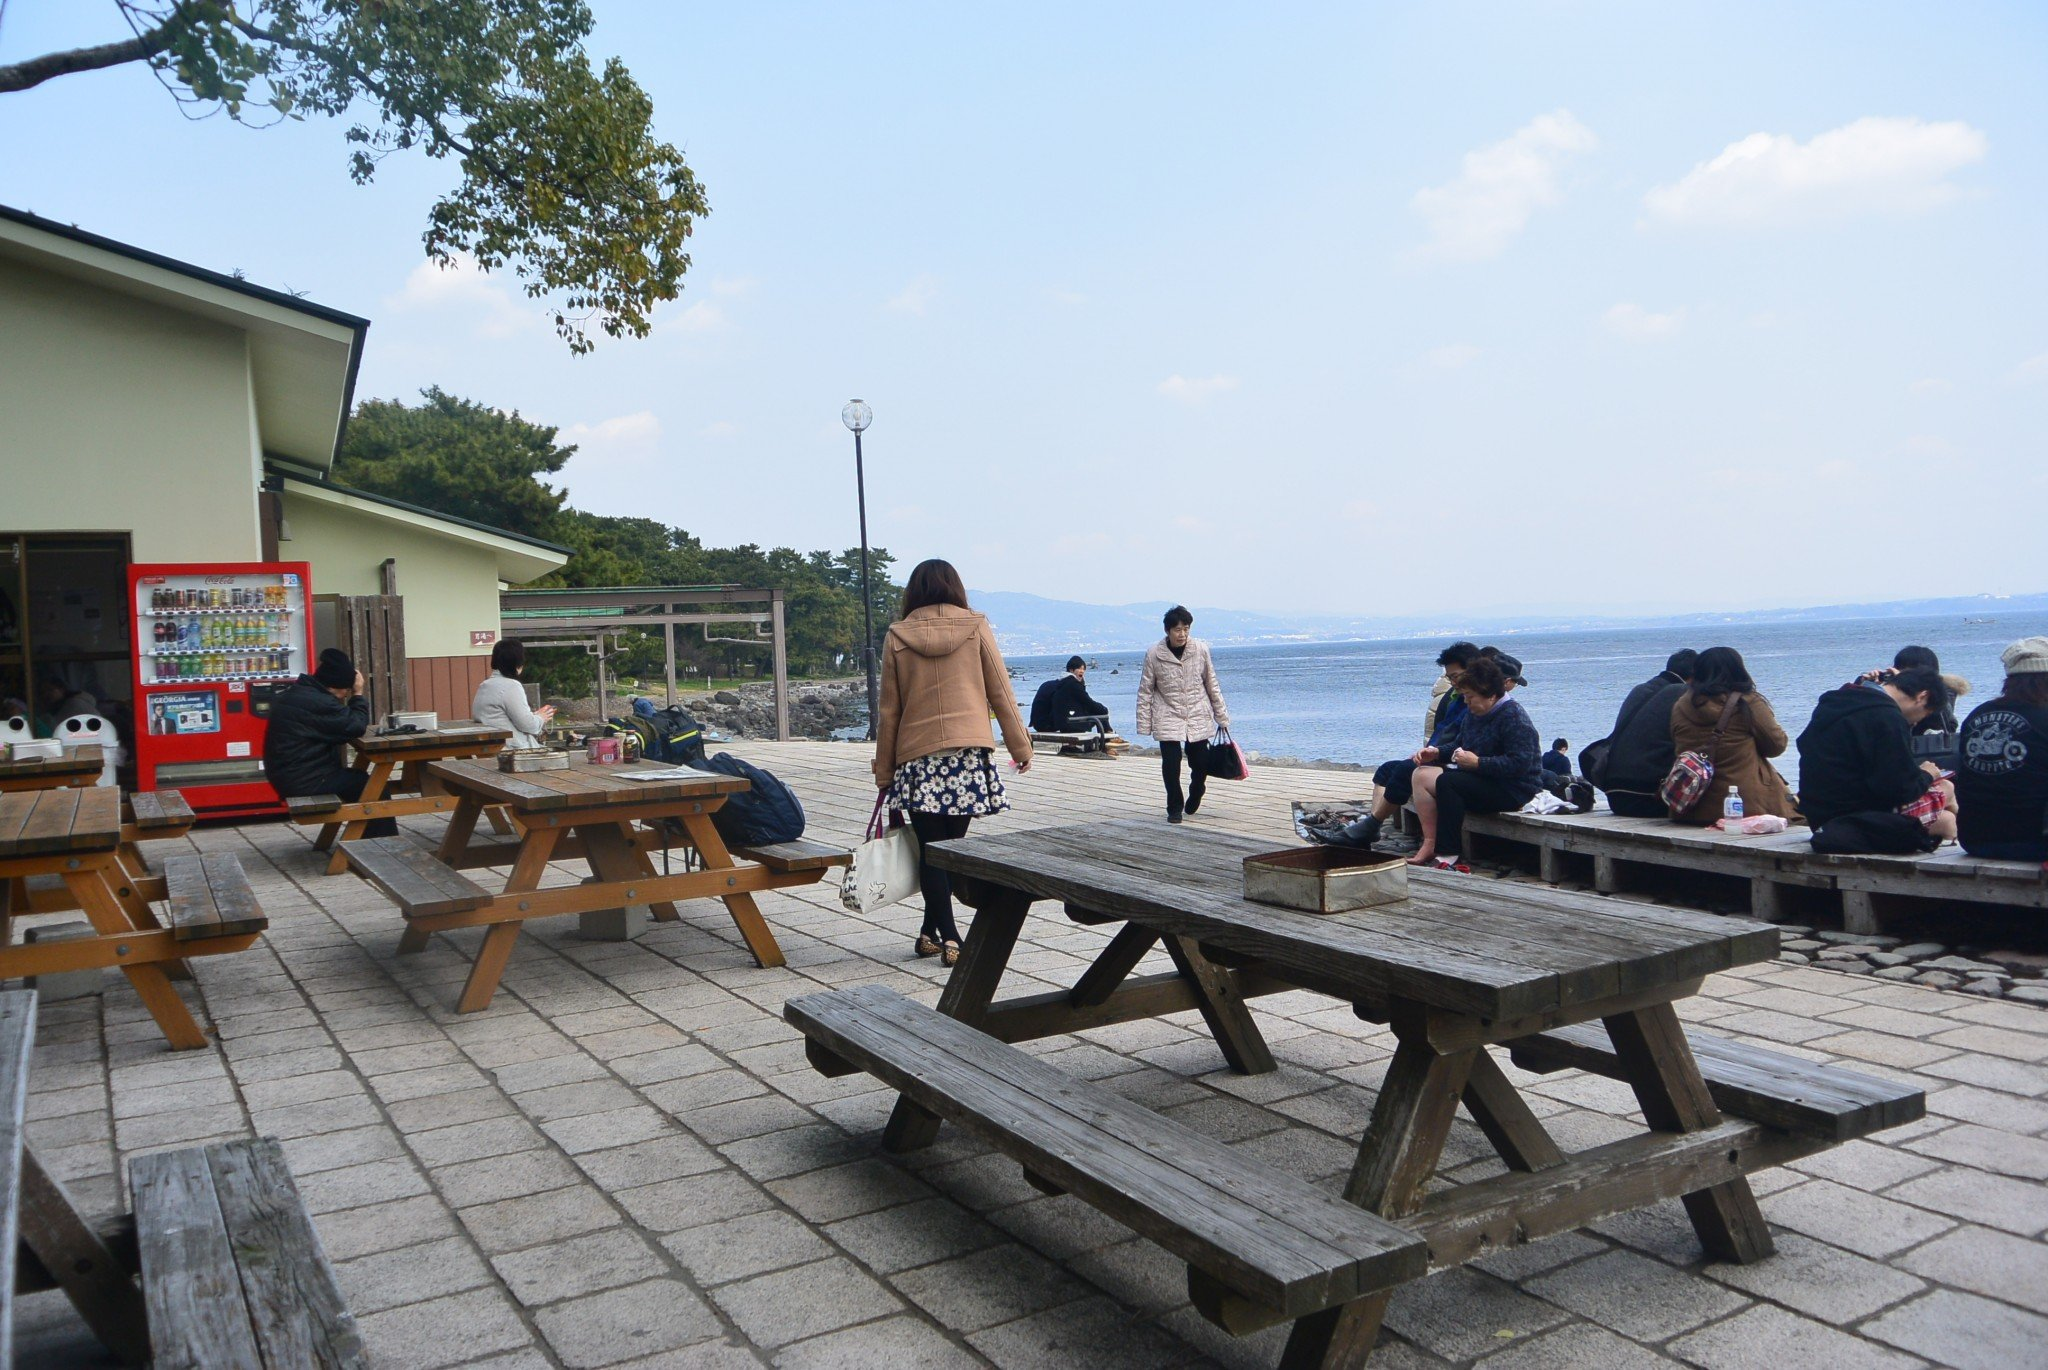 Warten auf das Sandbad in Beppu.